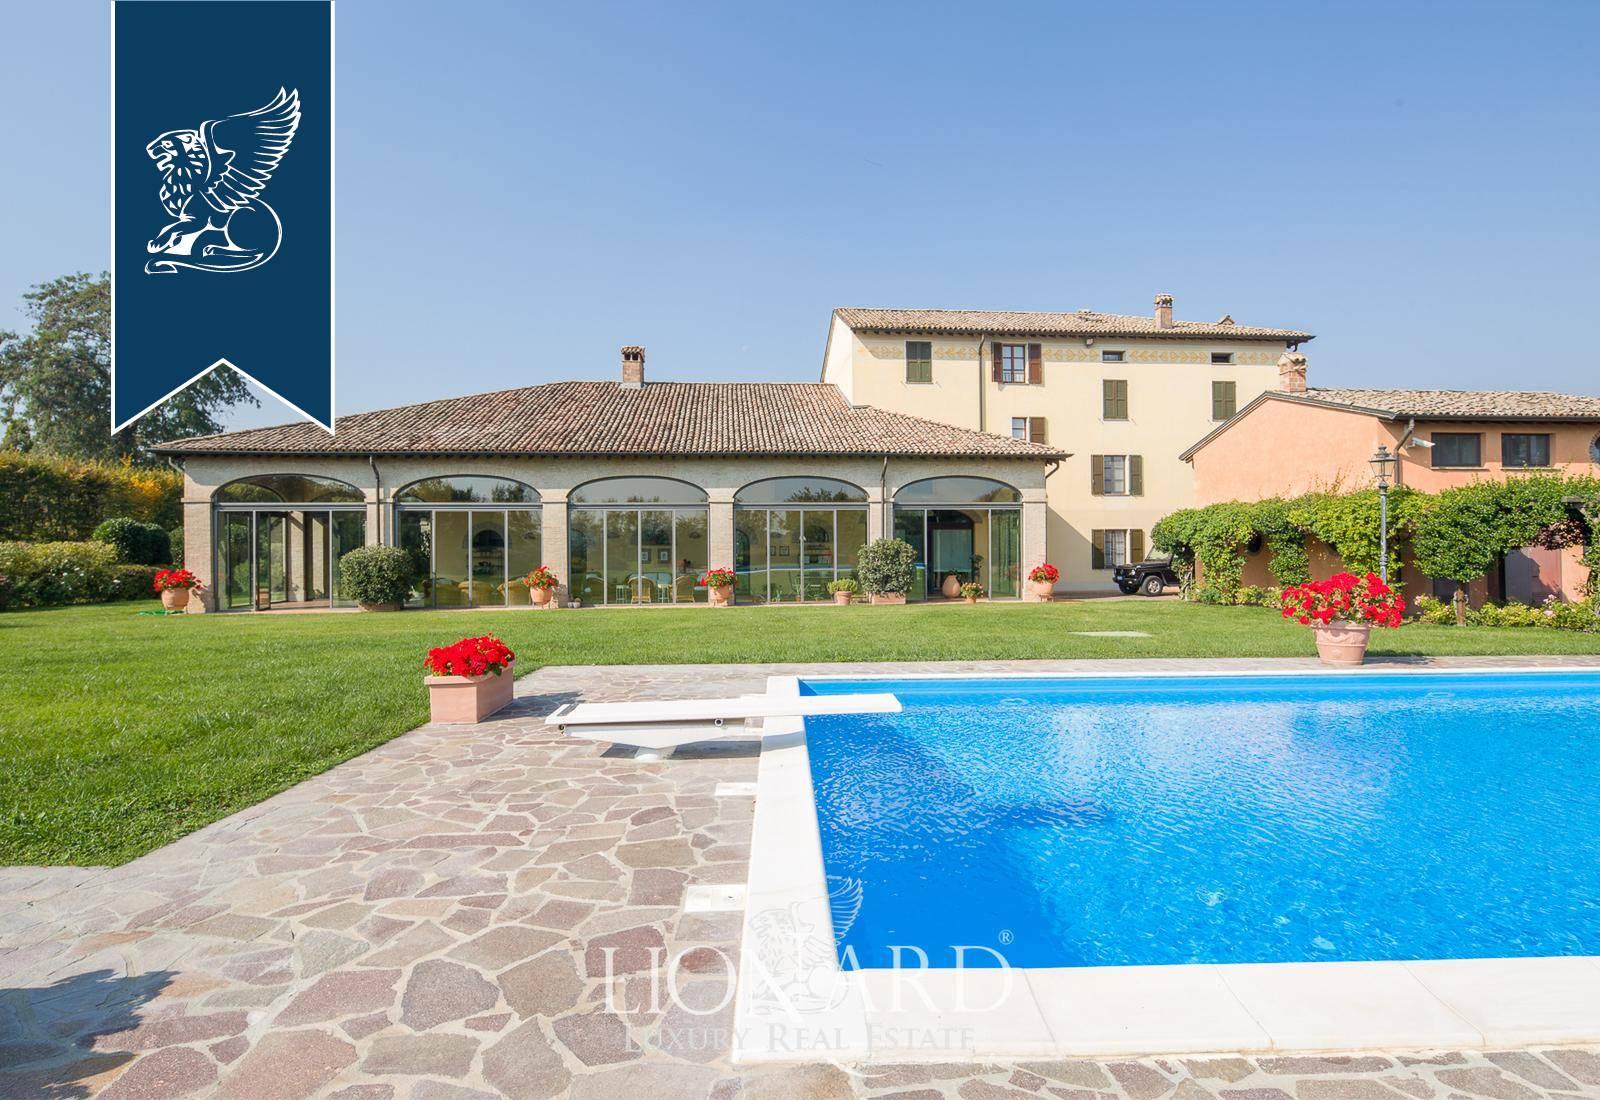 Villa in Vendita a Parma: 0 locali, 900 mq - Foto 5